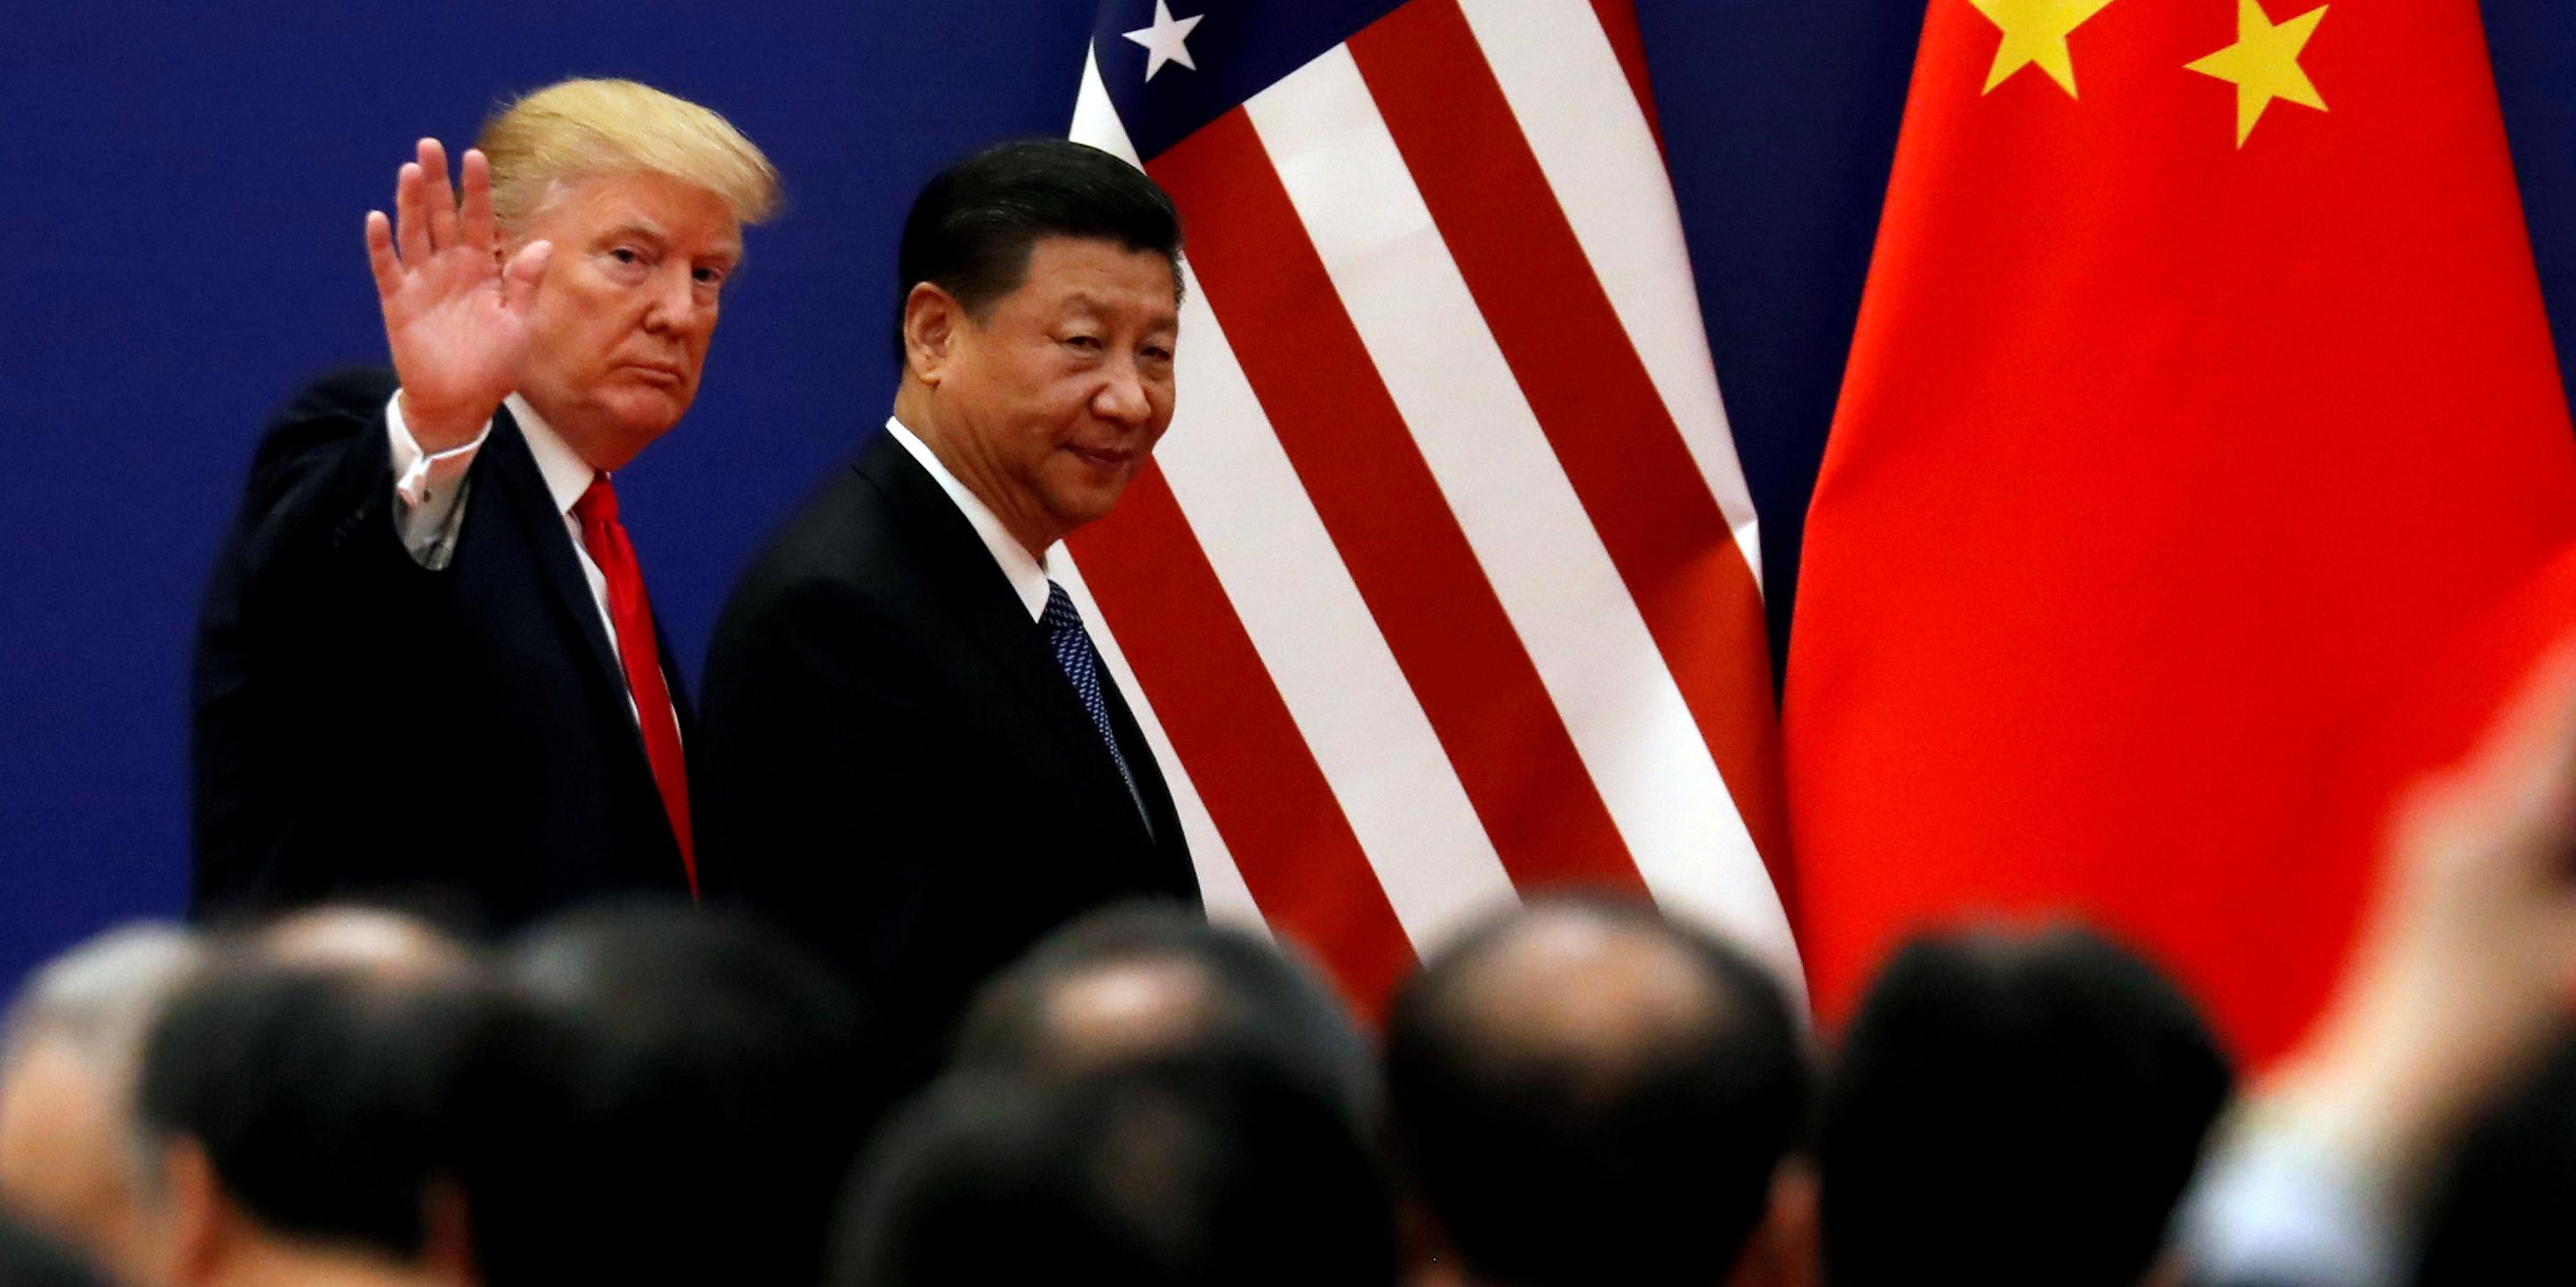 Guerre commerciale sino-américaine : Trump propose une trêve jusqu'au 15 décembre